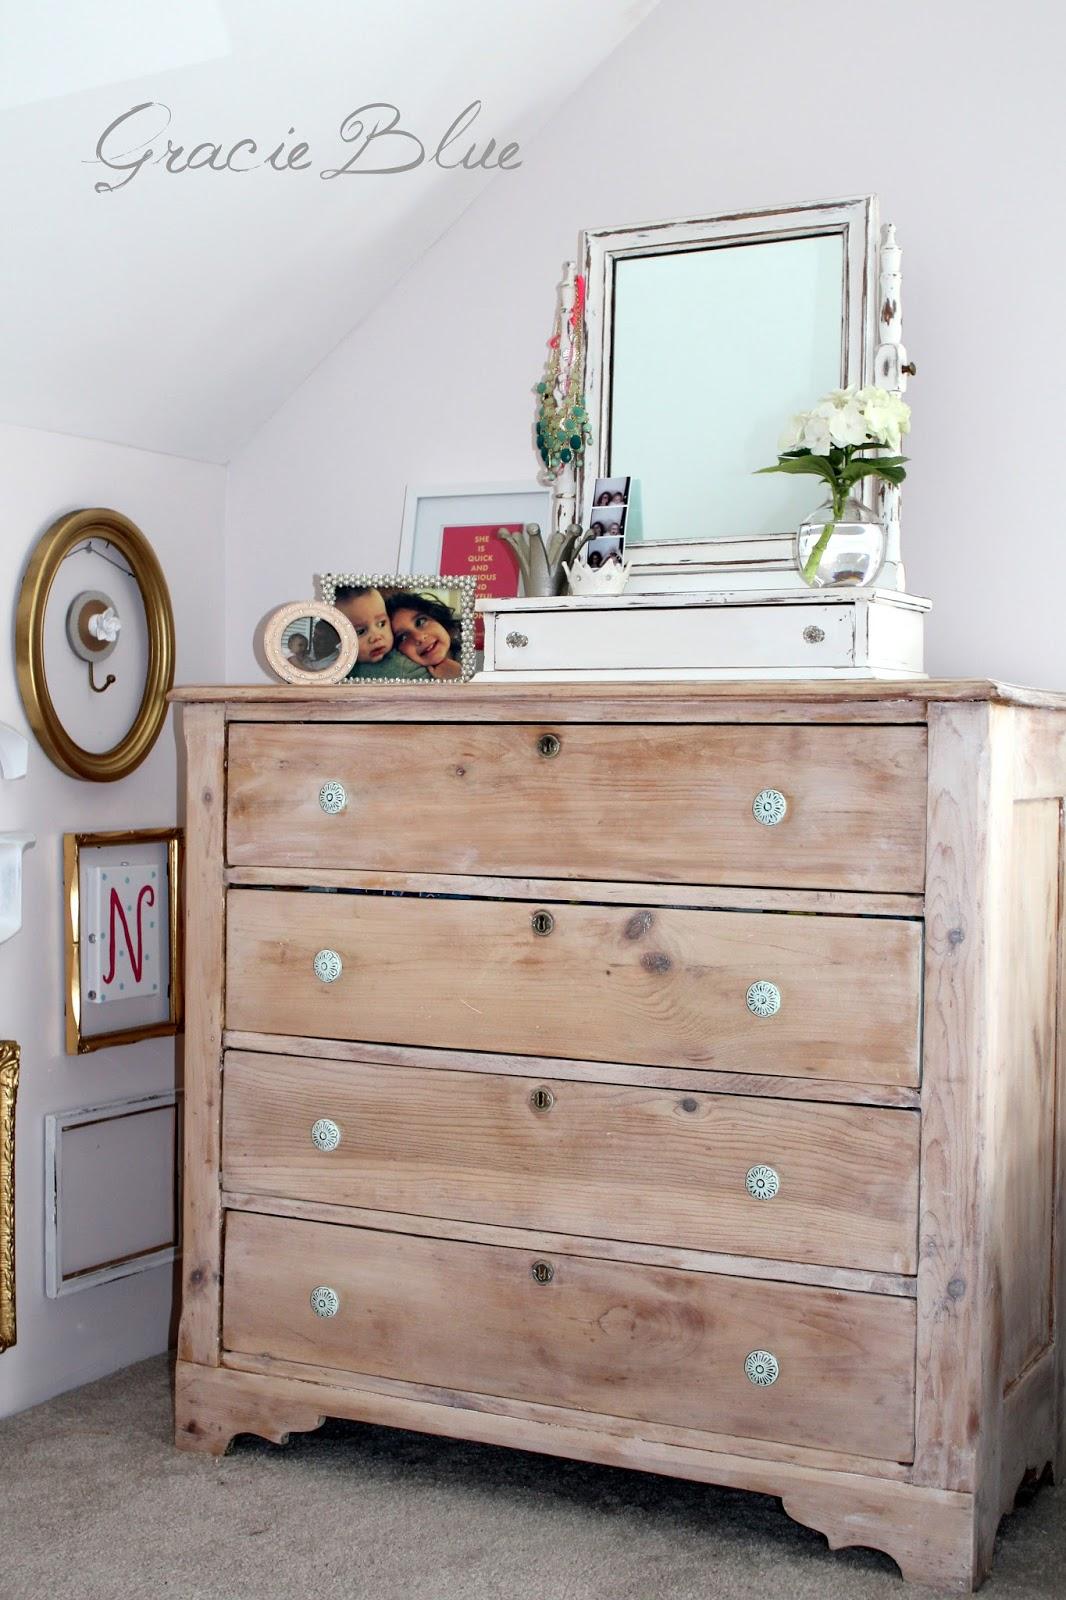 Gracie Blue Antique Pine Dresser The Reveal